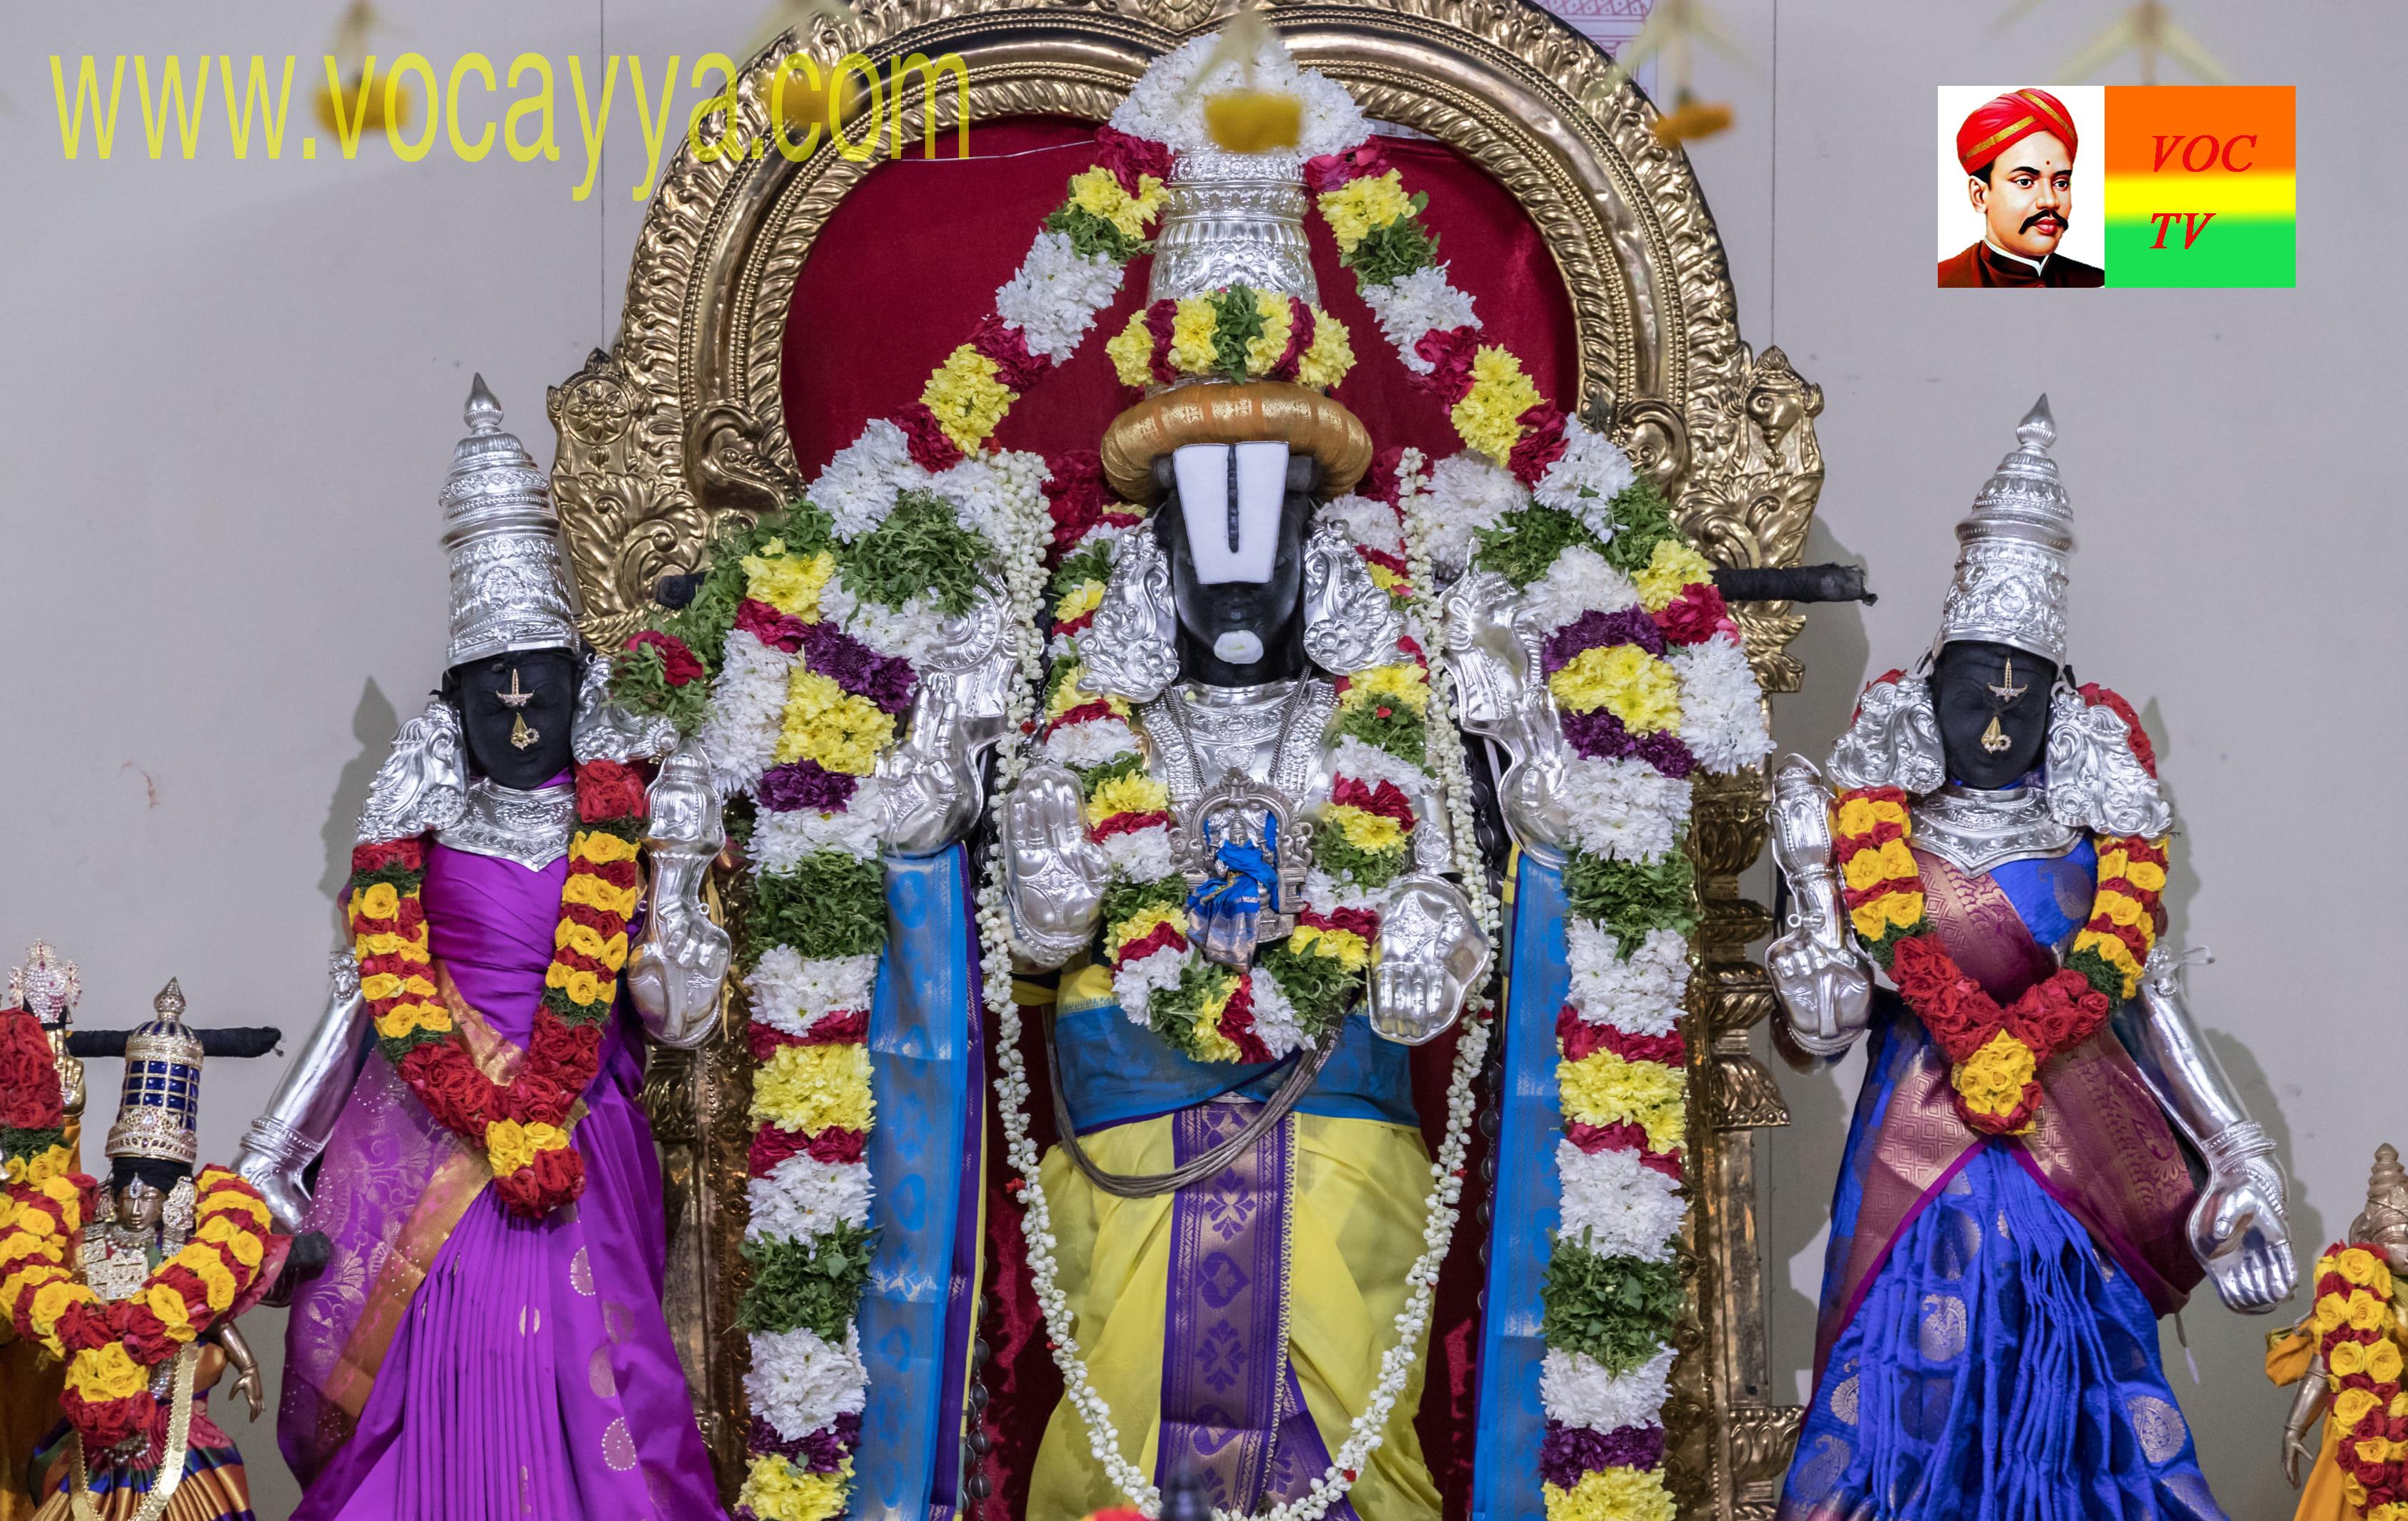 சிங்கப்பூர் ஶ்ரீ ஶ்ரீநிவாசப்பெருமாள் திருக்கோவில் வரலாறு 1960 ஆம் ஆண்டு திரு கோவிந்தராஜ்பிள்ளை அவர்களால் கட்டபட்டது